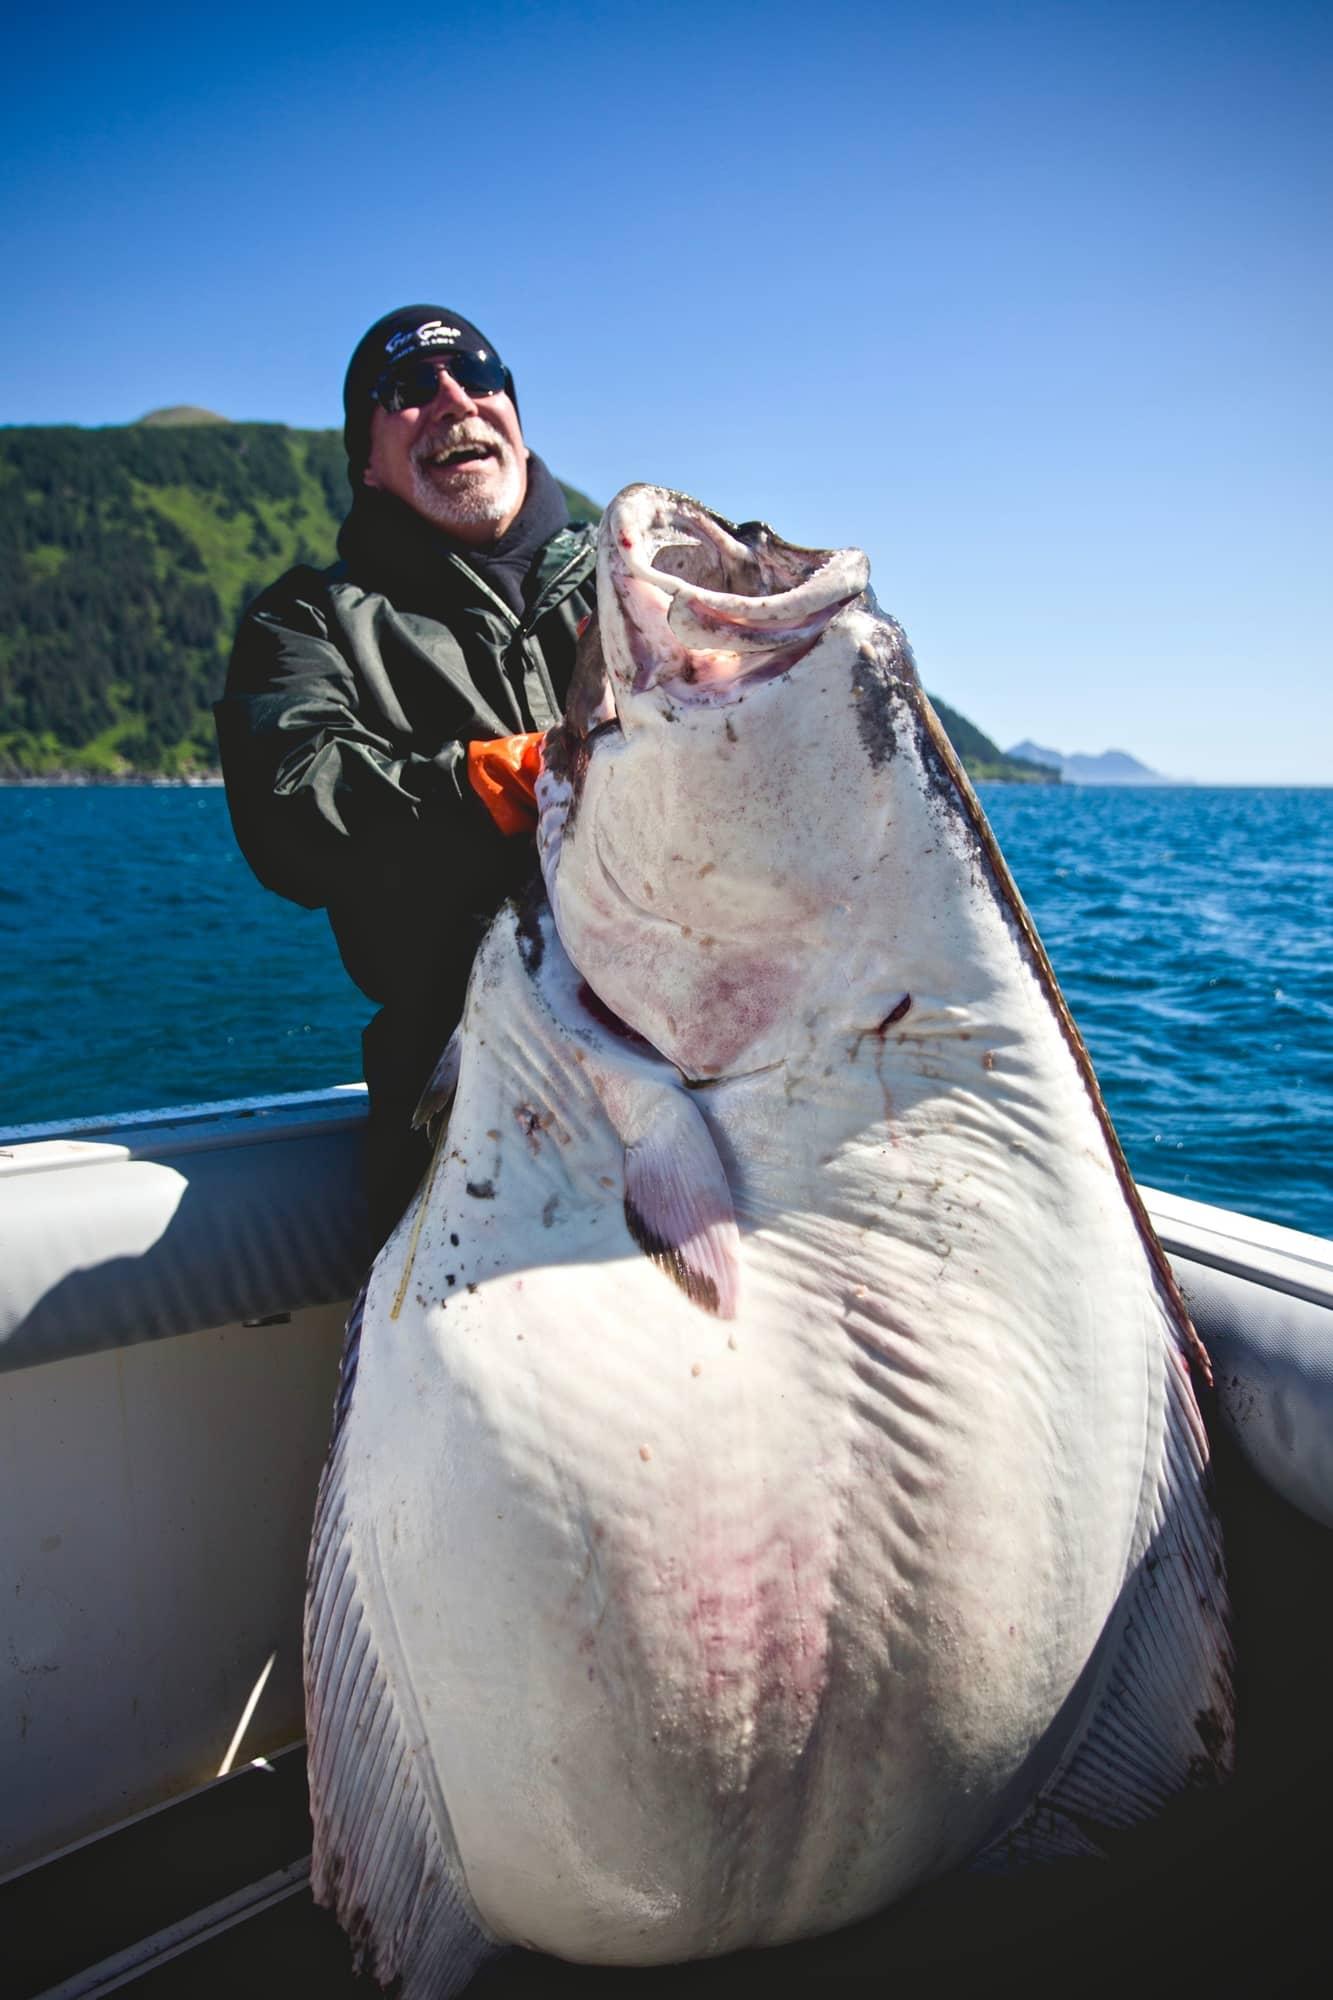 Man unable to lift massive halibut